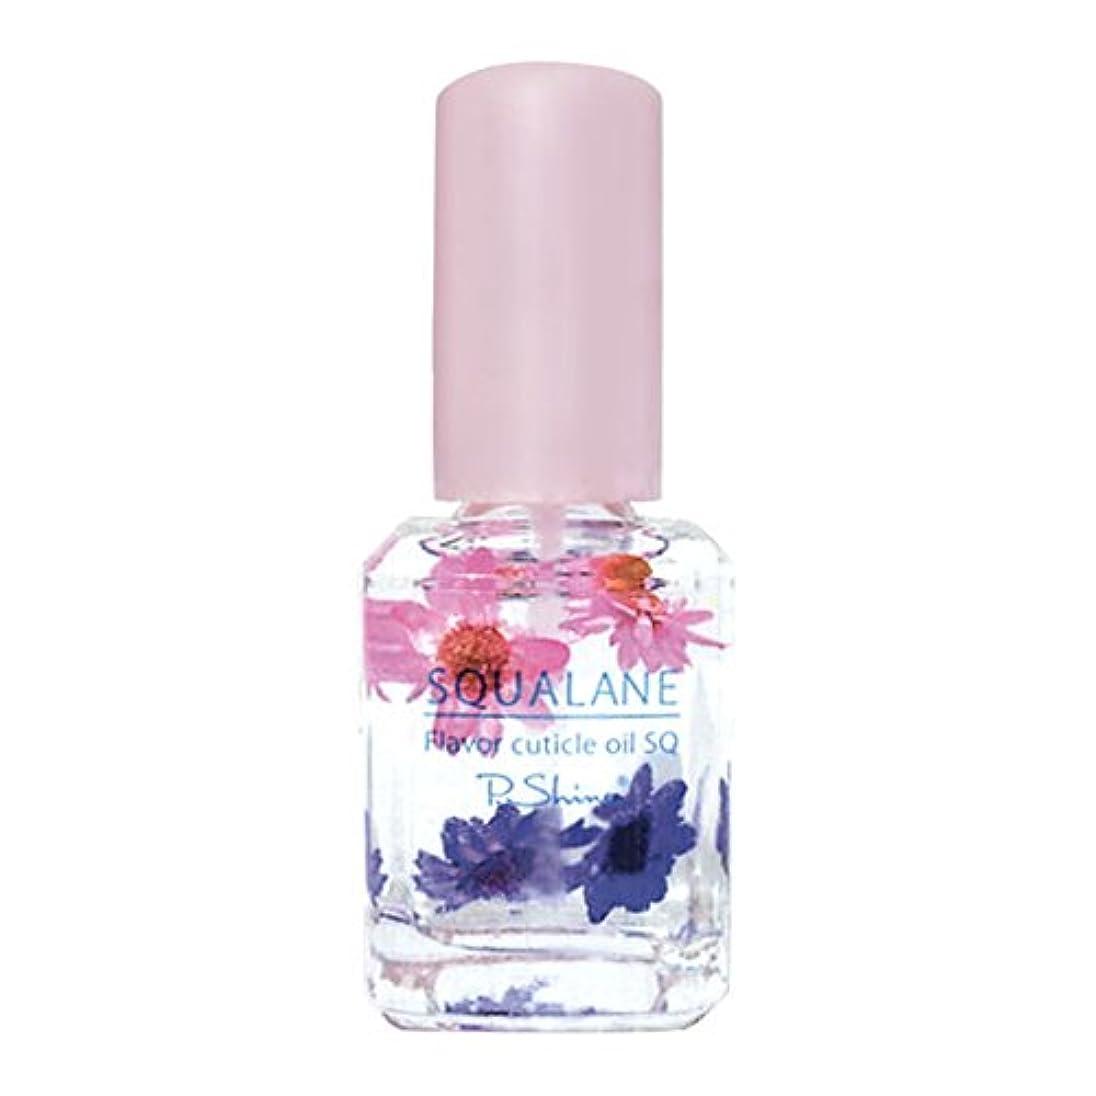 助手招待憂鬱なP. Shine フレーバーオイルSQ フラワーリゾート 南国の花の甘く優しい香り スクワランオイル